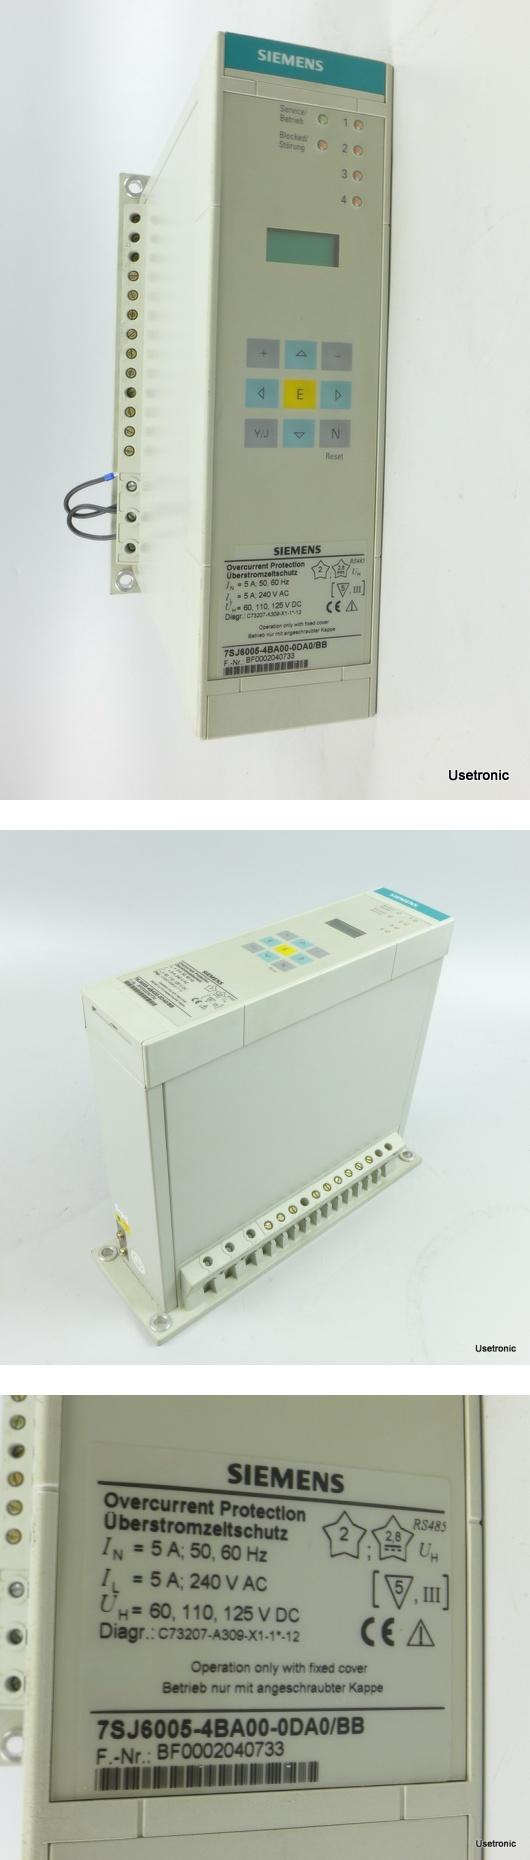 Siemens 7SJ6005-4BA00-0DA0